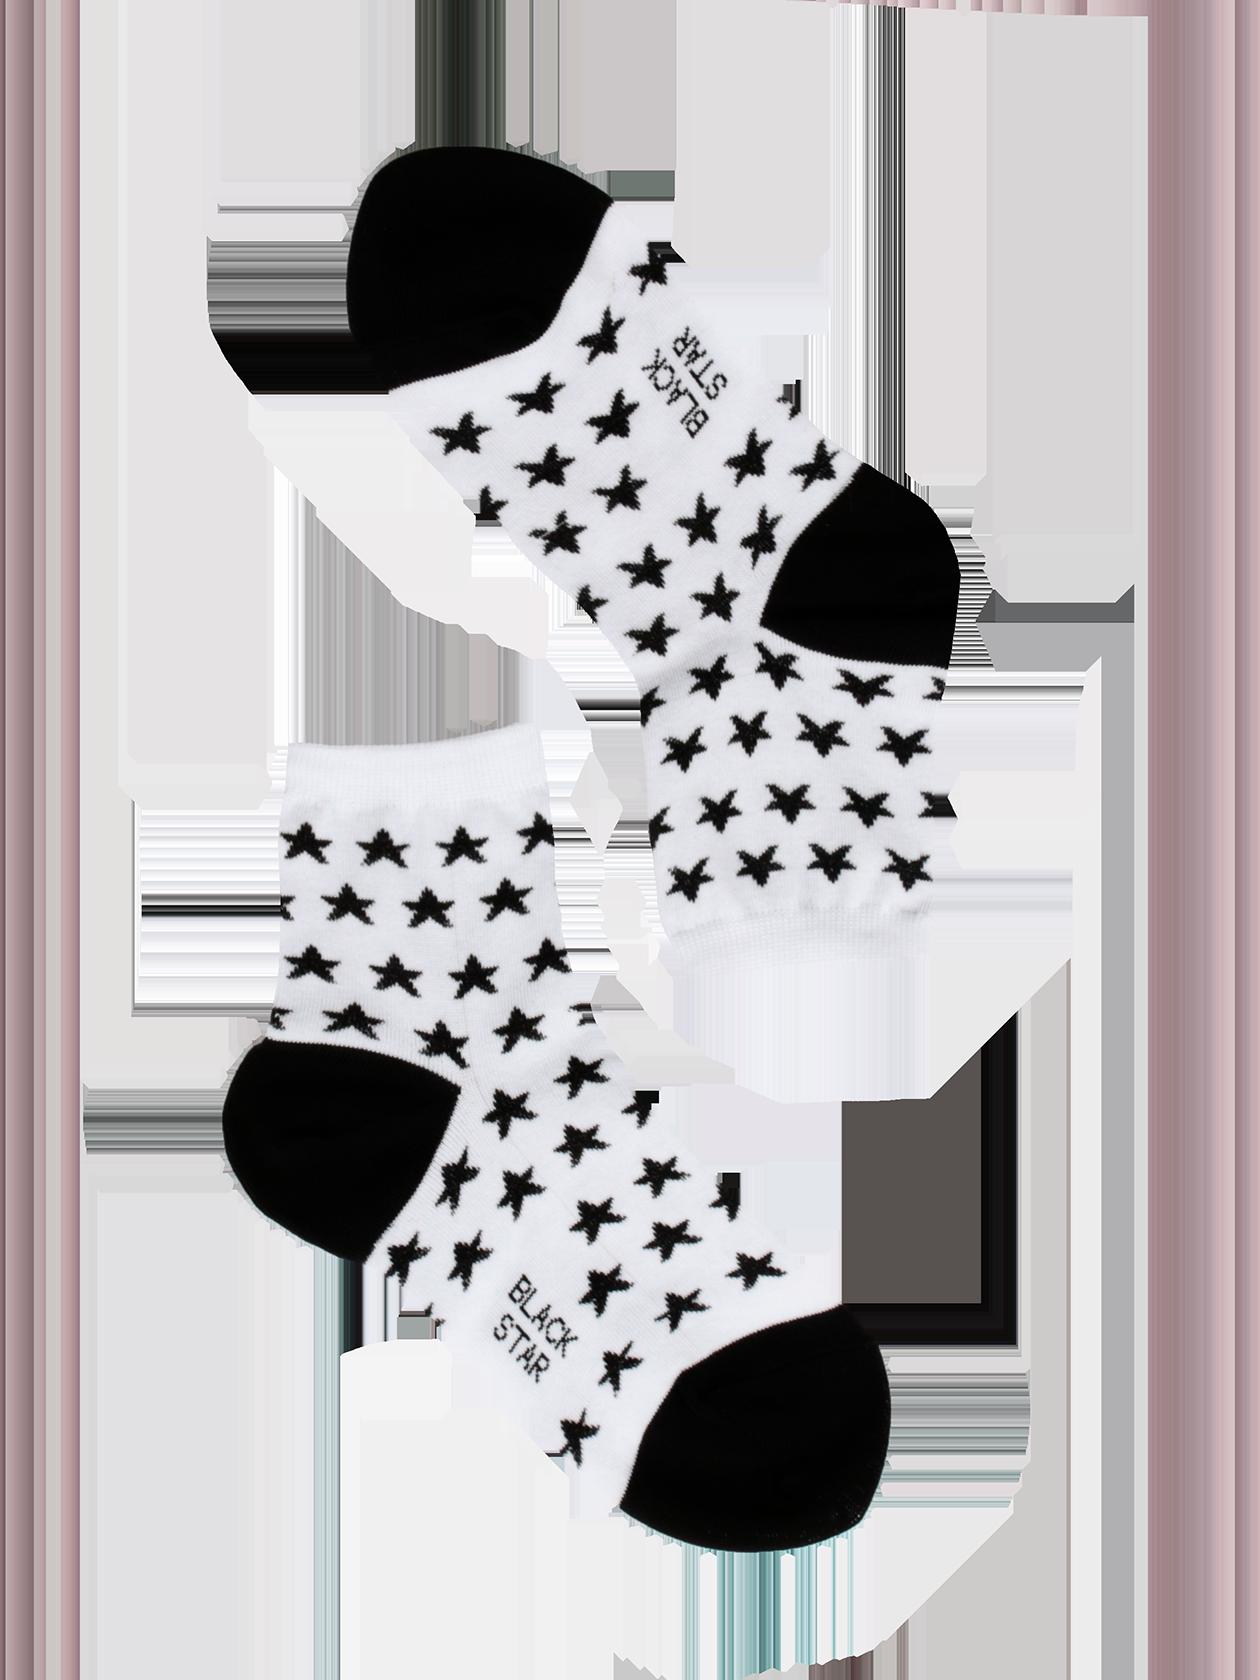 Носки детские SUPER STARНоски детские Super Star – обязательная вещь в каждом шкафу. Современная фабричная вязка, натуральный высококачественный материал обеспечивают комфорт и удобство во время активных движений. Модель представлена в двух цветовых вариантах – с черным задником, пяткой, звездами и белой стопой или белыми деталями на розовом фоне. Основание голенища дополнено фиксирующей резинкой. Носки детские из коллекции Black Star Wear отлично подходят для повседневной носки, выдерживают частые стирки.<br><br>Размер: 7-9 years<br>Цвет: Белый<br>Пол: Унисекс